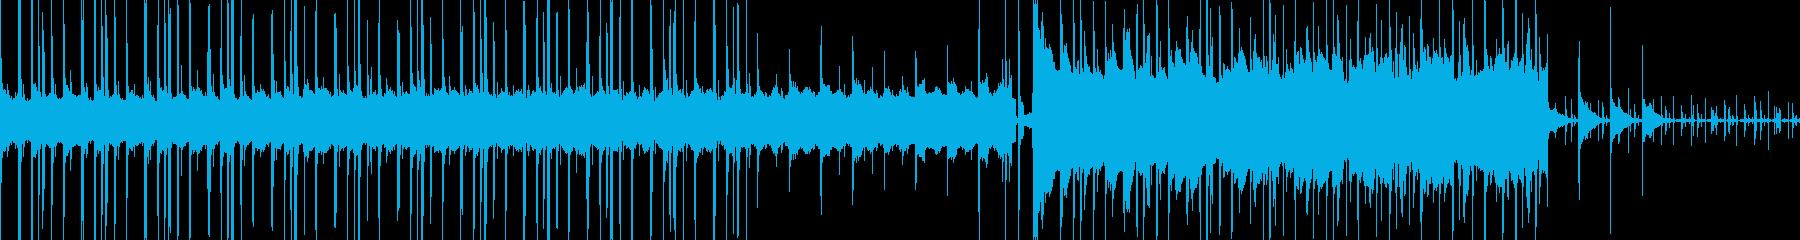 しっとりお洒落なLoFiヒップホップ、Lの再生済みの波形